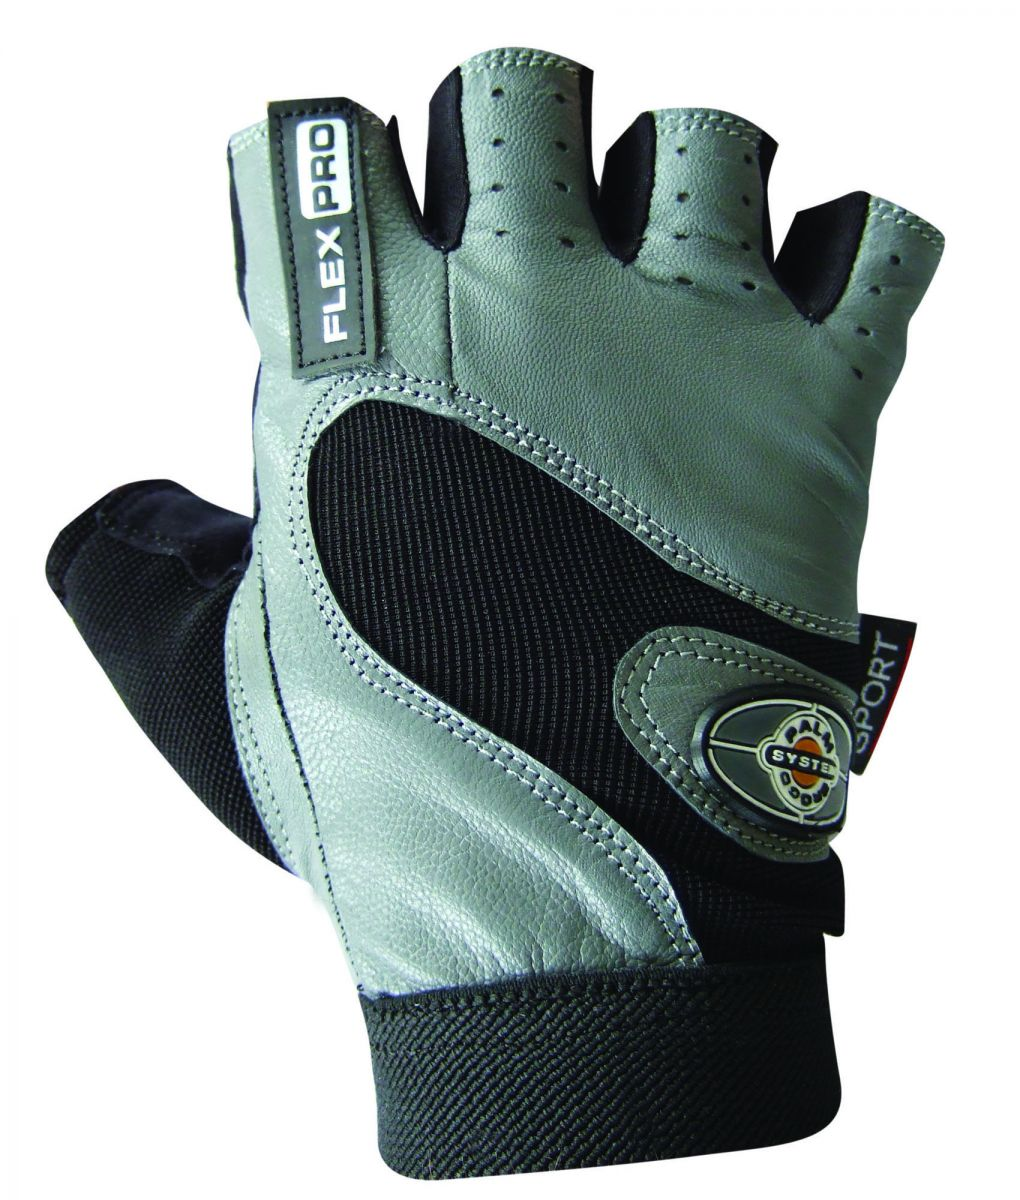 Перчатки для фитнеса (73 фото): женские спортивные модели без пальцев, разновидности перчаток для спорта